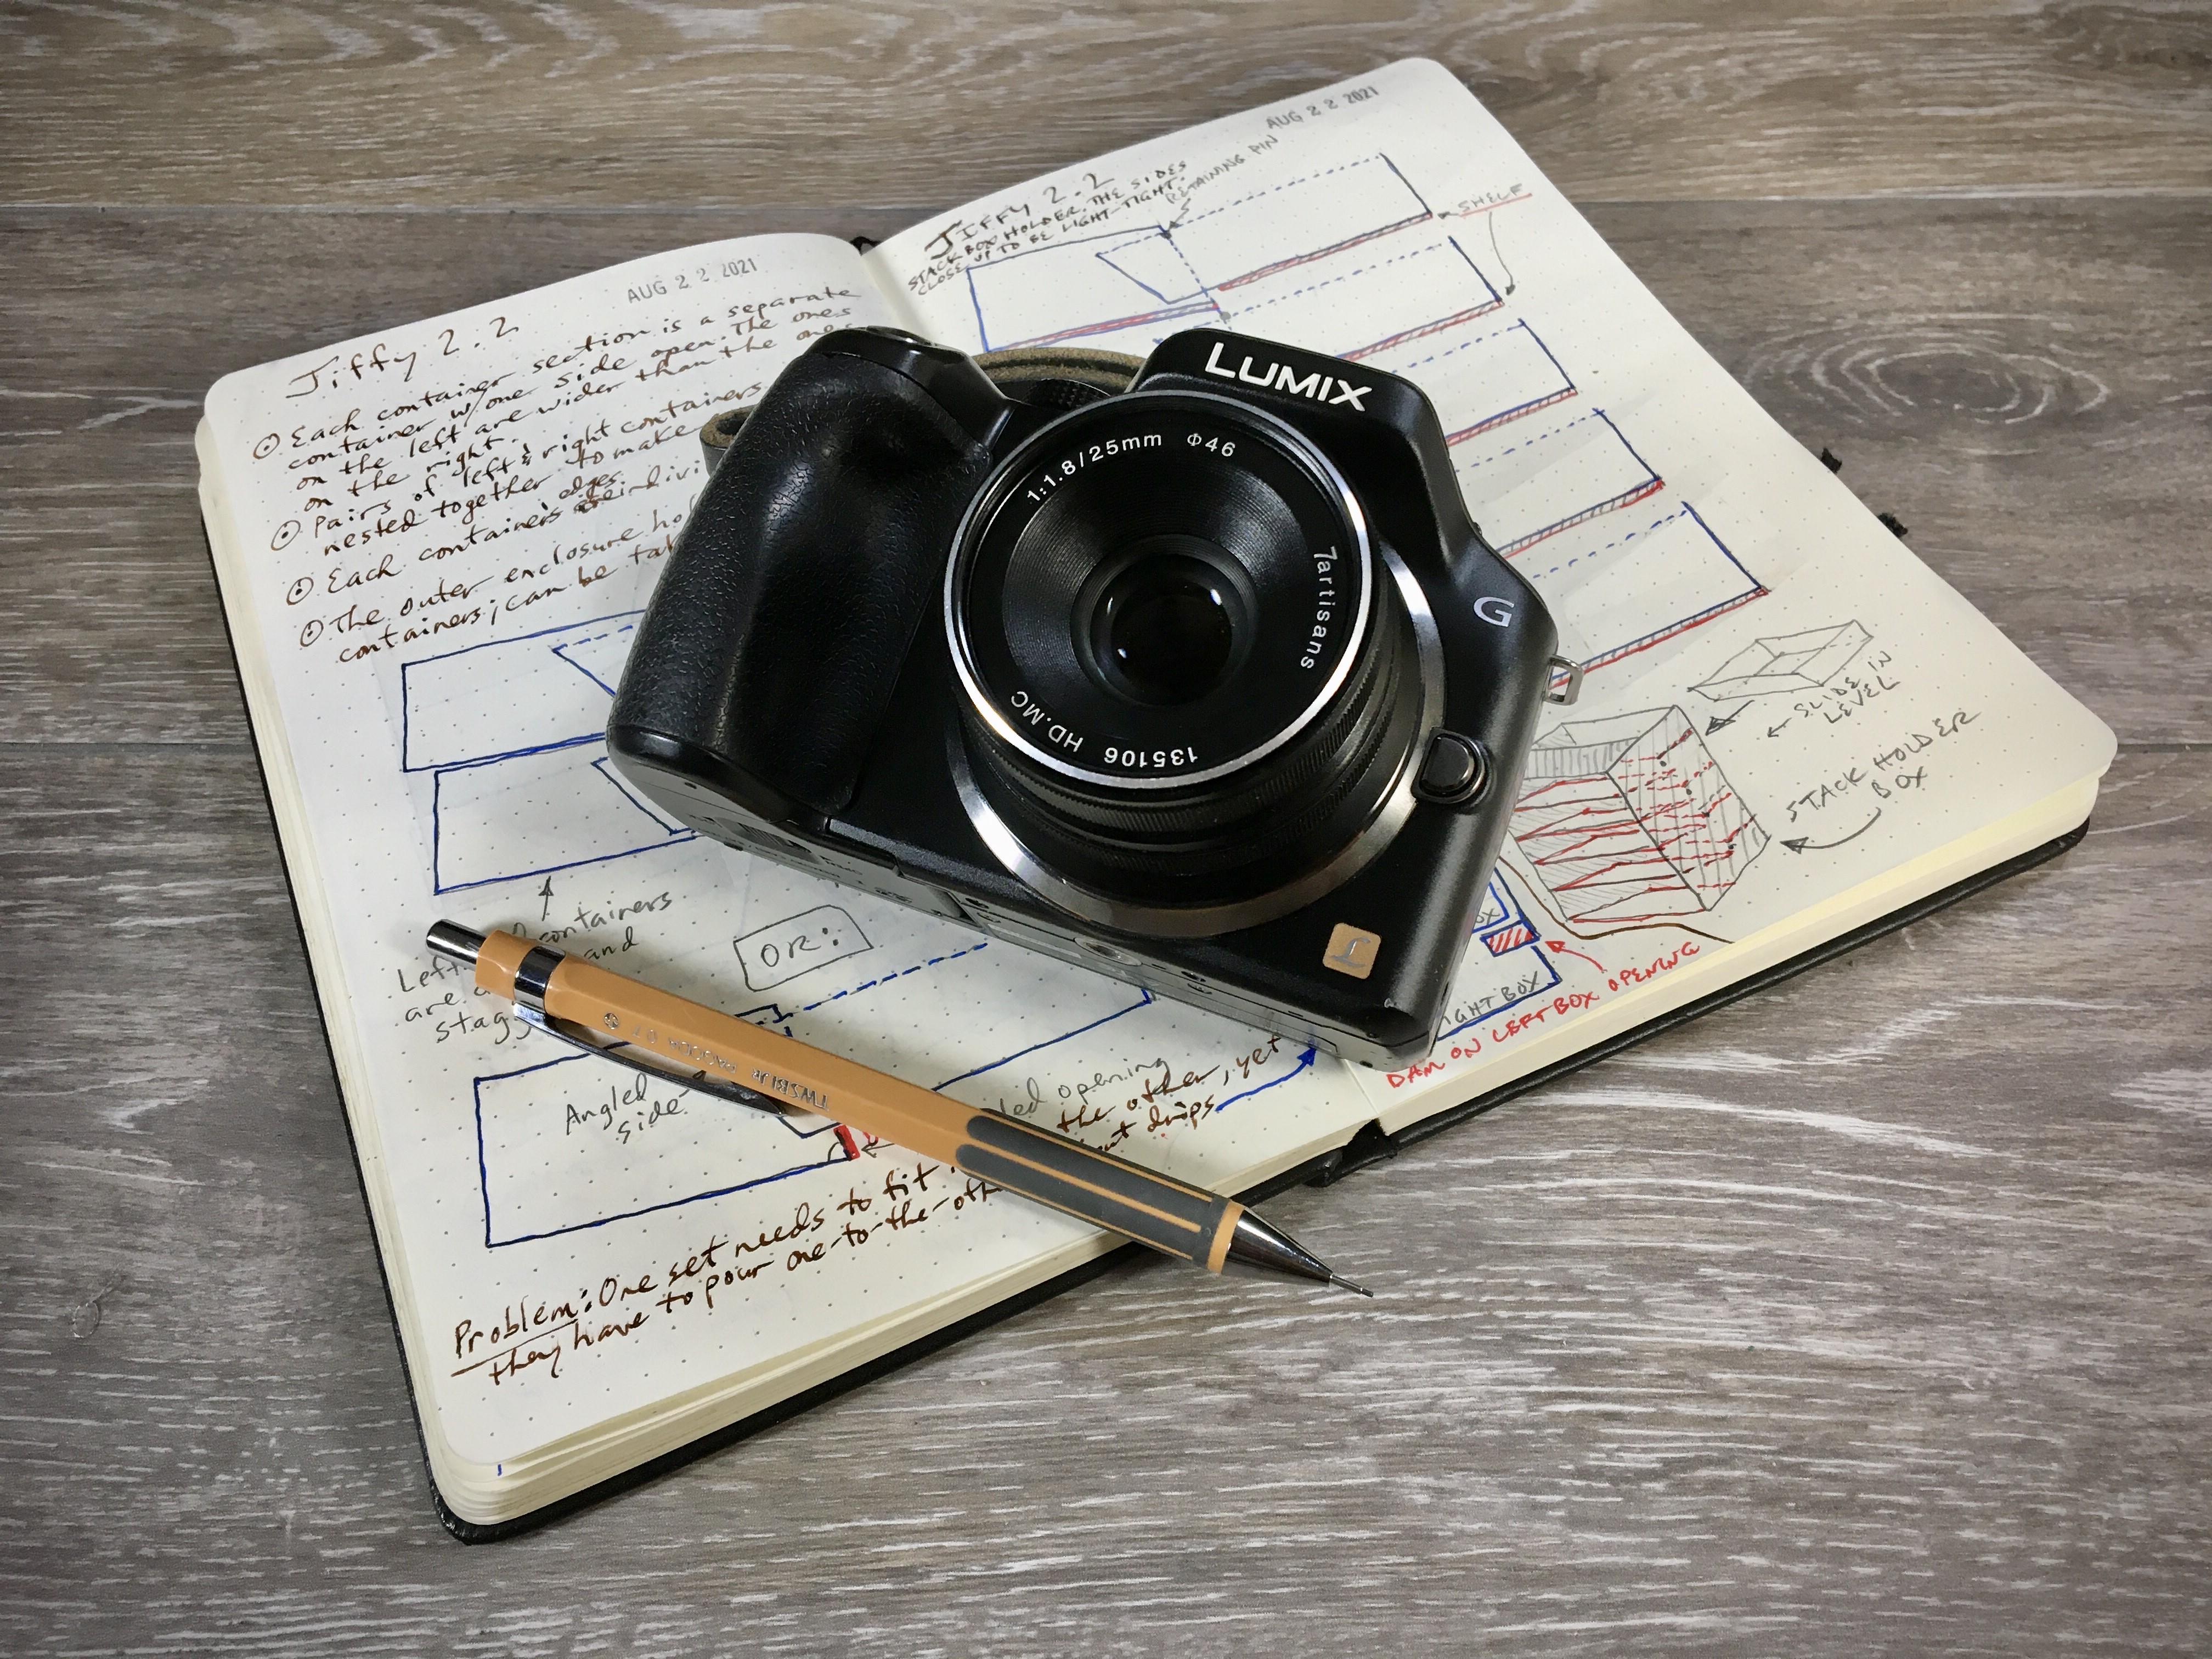 LUMIX G5 & 7Artisans 25mm F/1.8 Lens